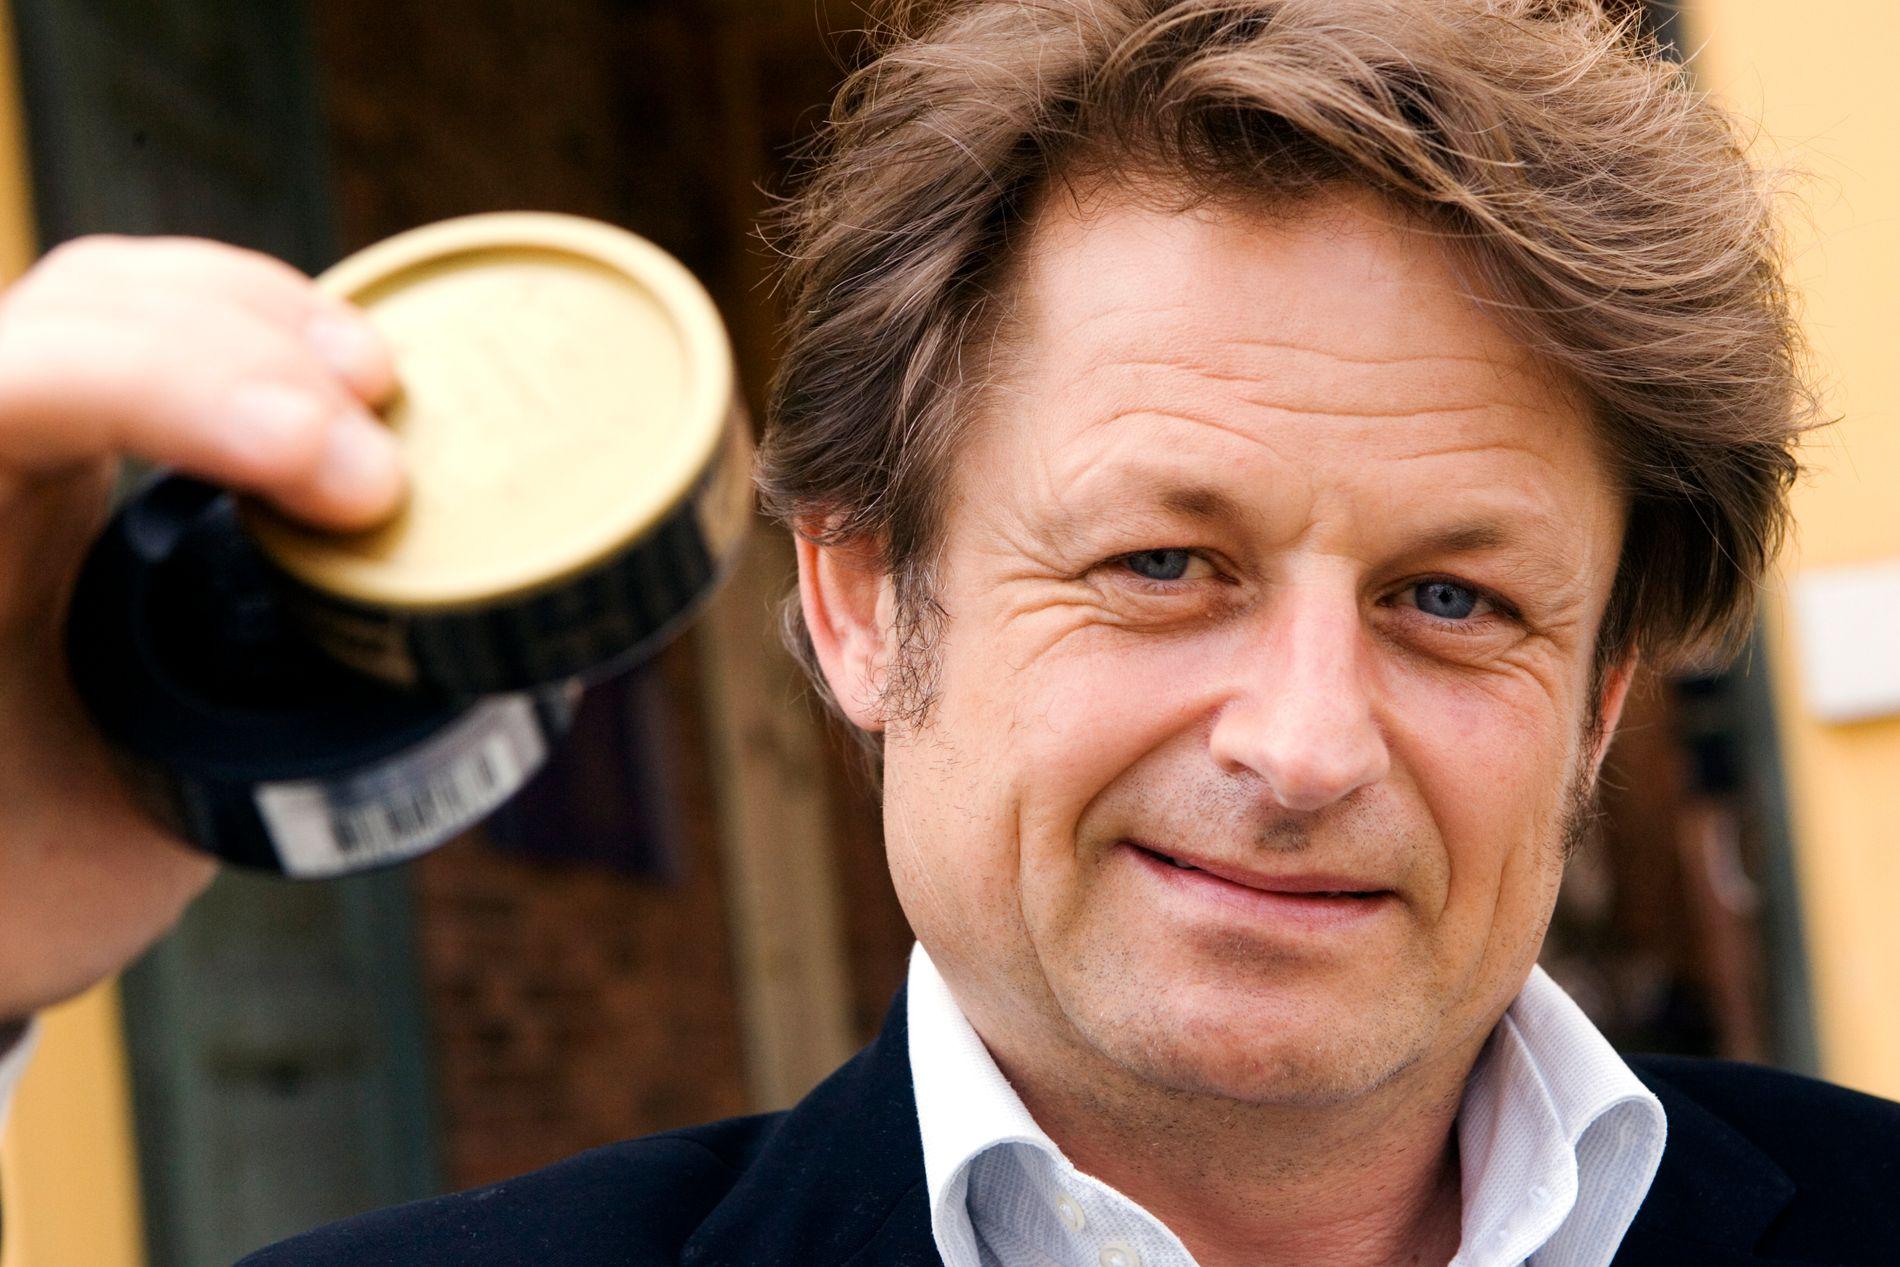 SKEPTISK: Tobakksforsker Karl Erik Lund tror en svensklignende røykelov kommer til Norge før eller siden, men er usikker på om tiltaket er godt.